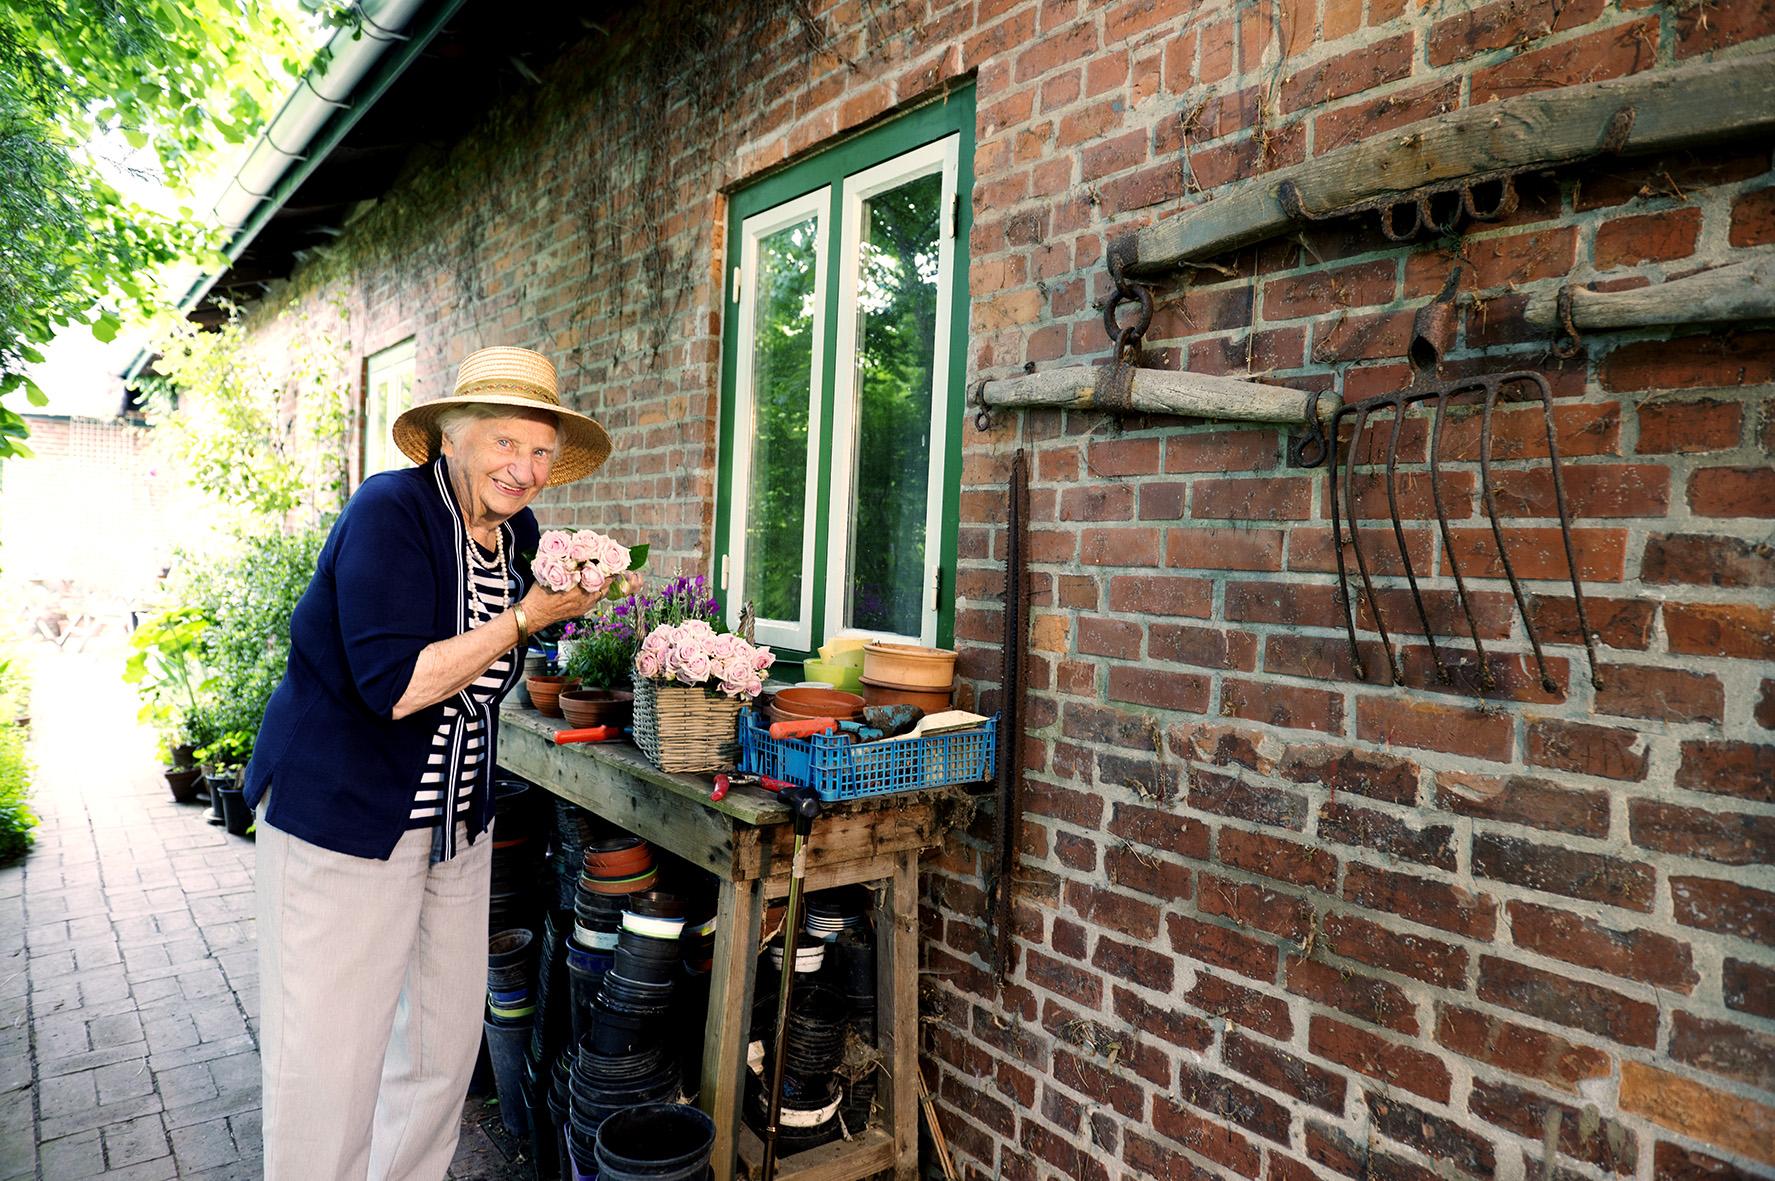 Fotokampagne, Wir lieben unsere Senioren1